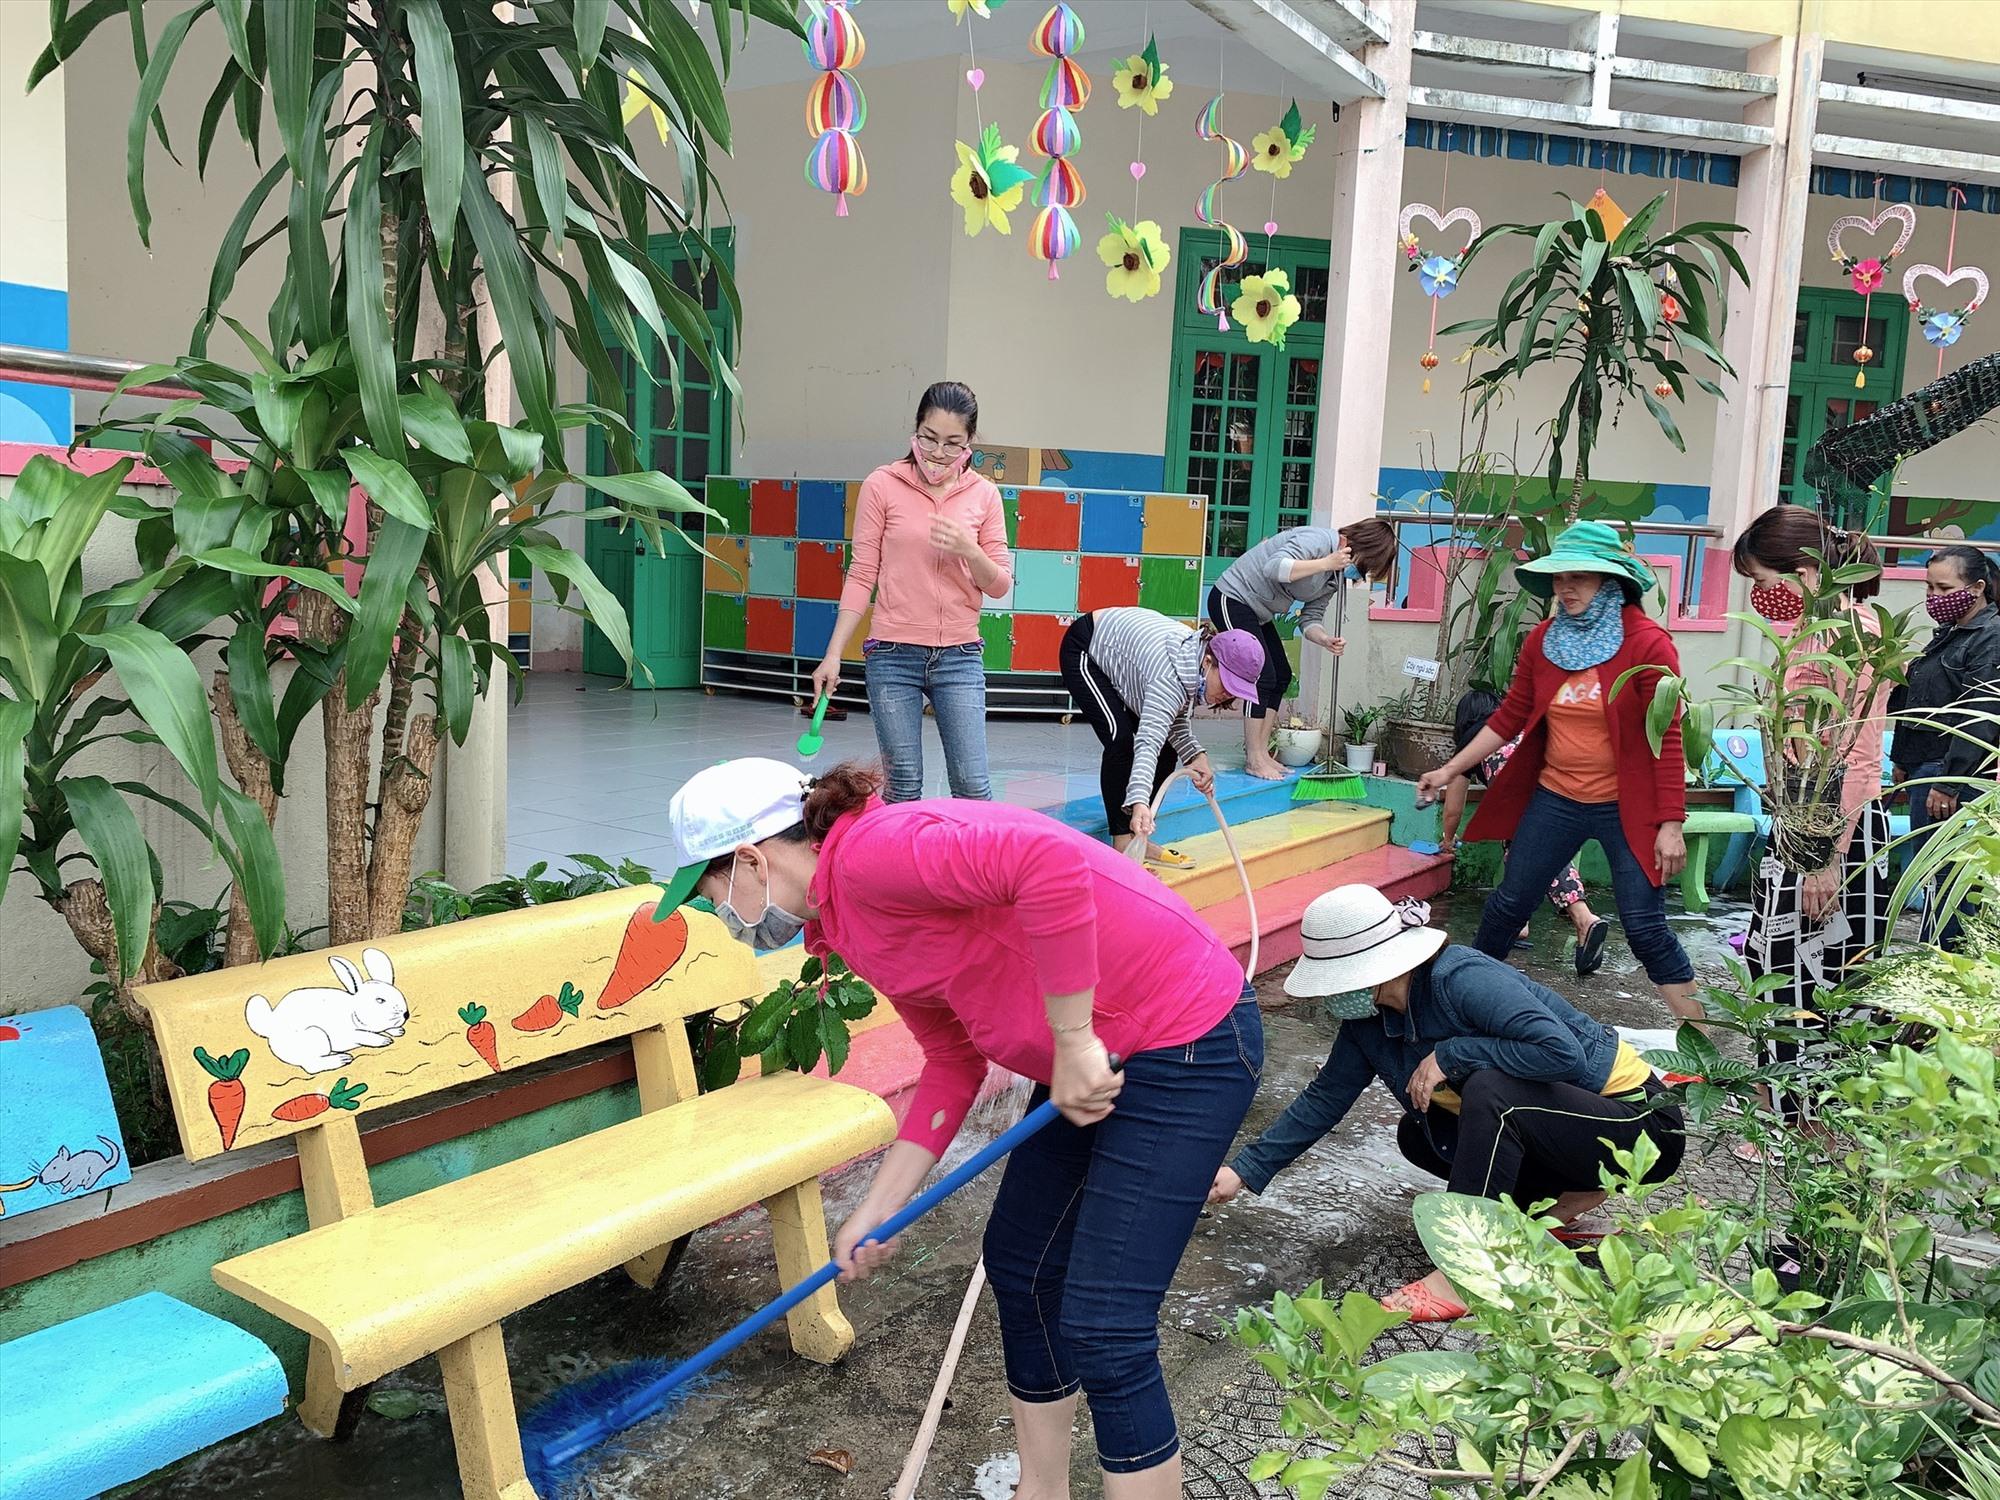 Trường Mẫu giáo Hương Sen (Tam Kỳ) vệ sinh khuôn viên lần thứ 3 kể từ khi học sinh nghỉ học để chuẩn bị đón học sinh trở lại trường. Ảnh: Hồng Nhung.